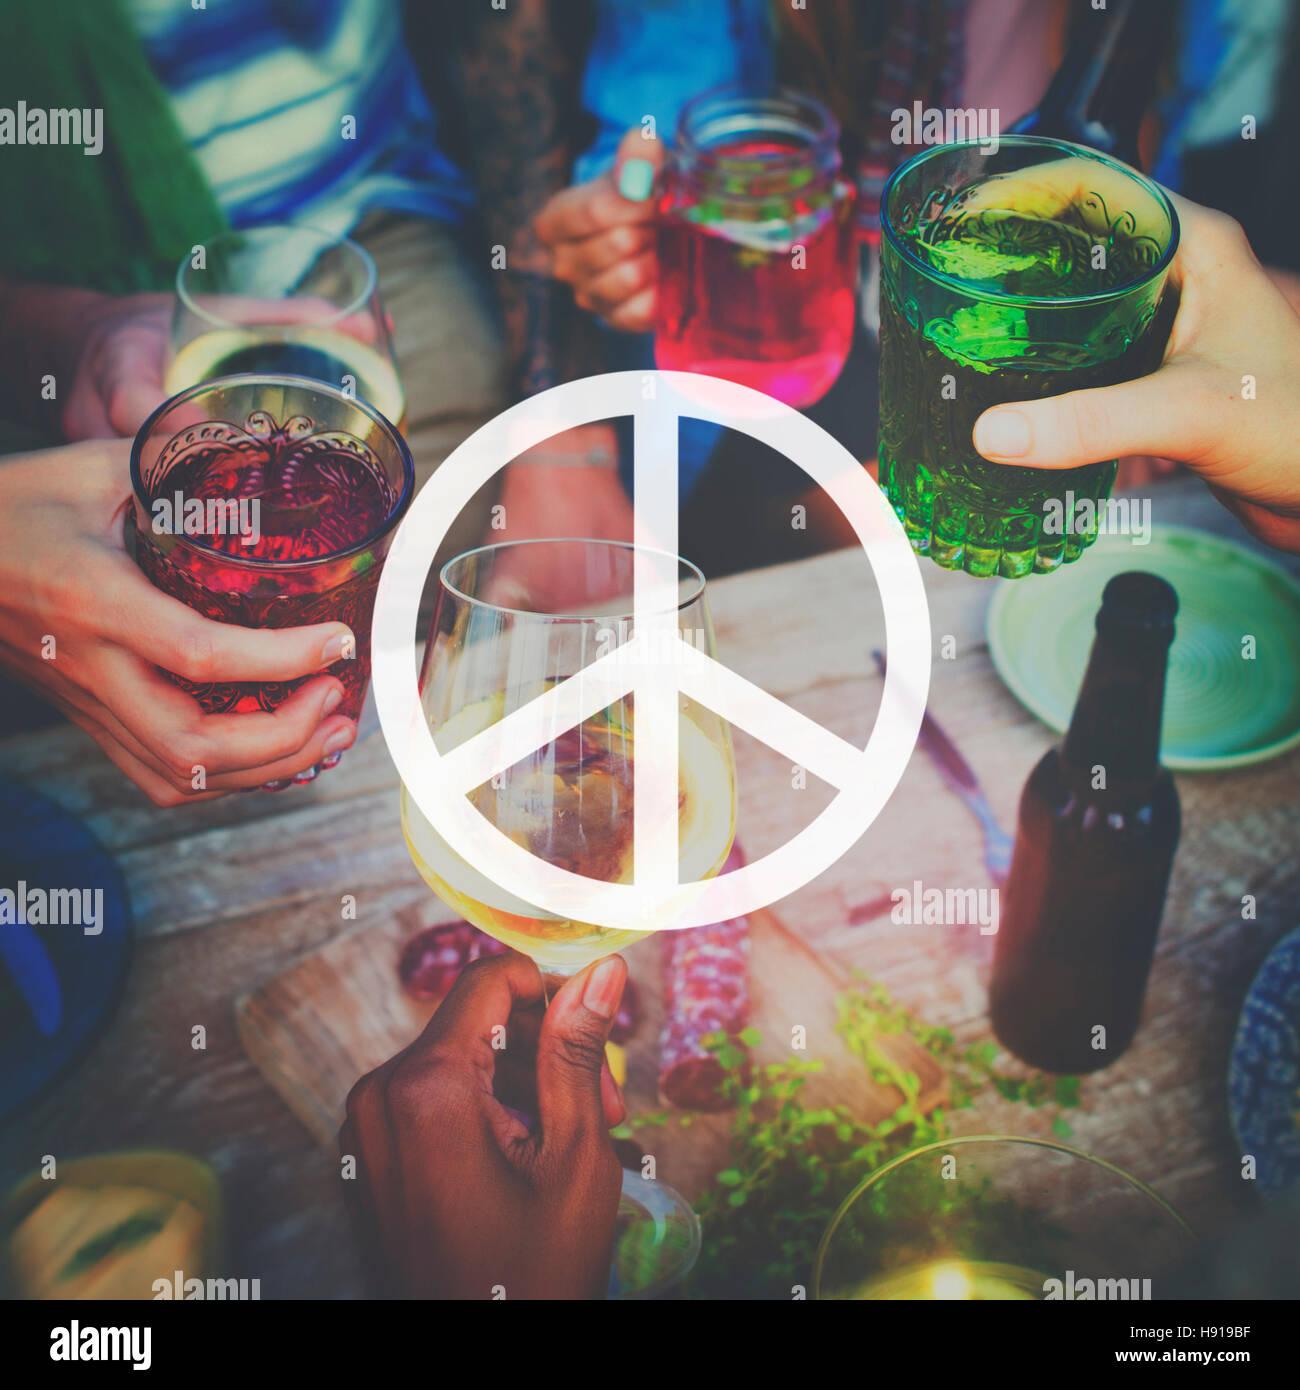 Pace libertà speranza pacifista di amore spirituale concetto Immagini Stock